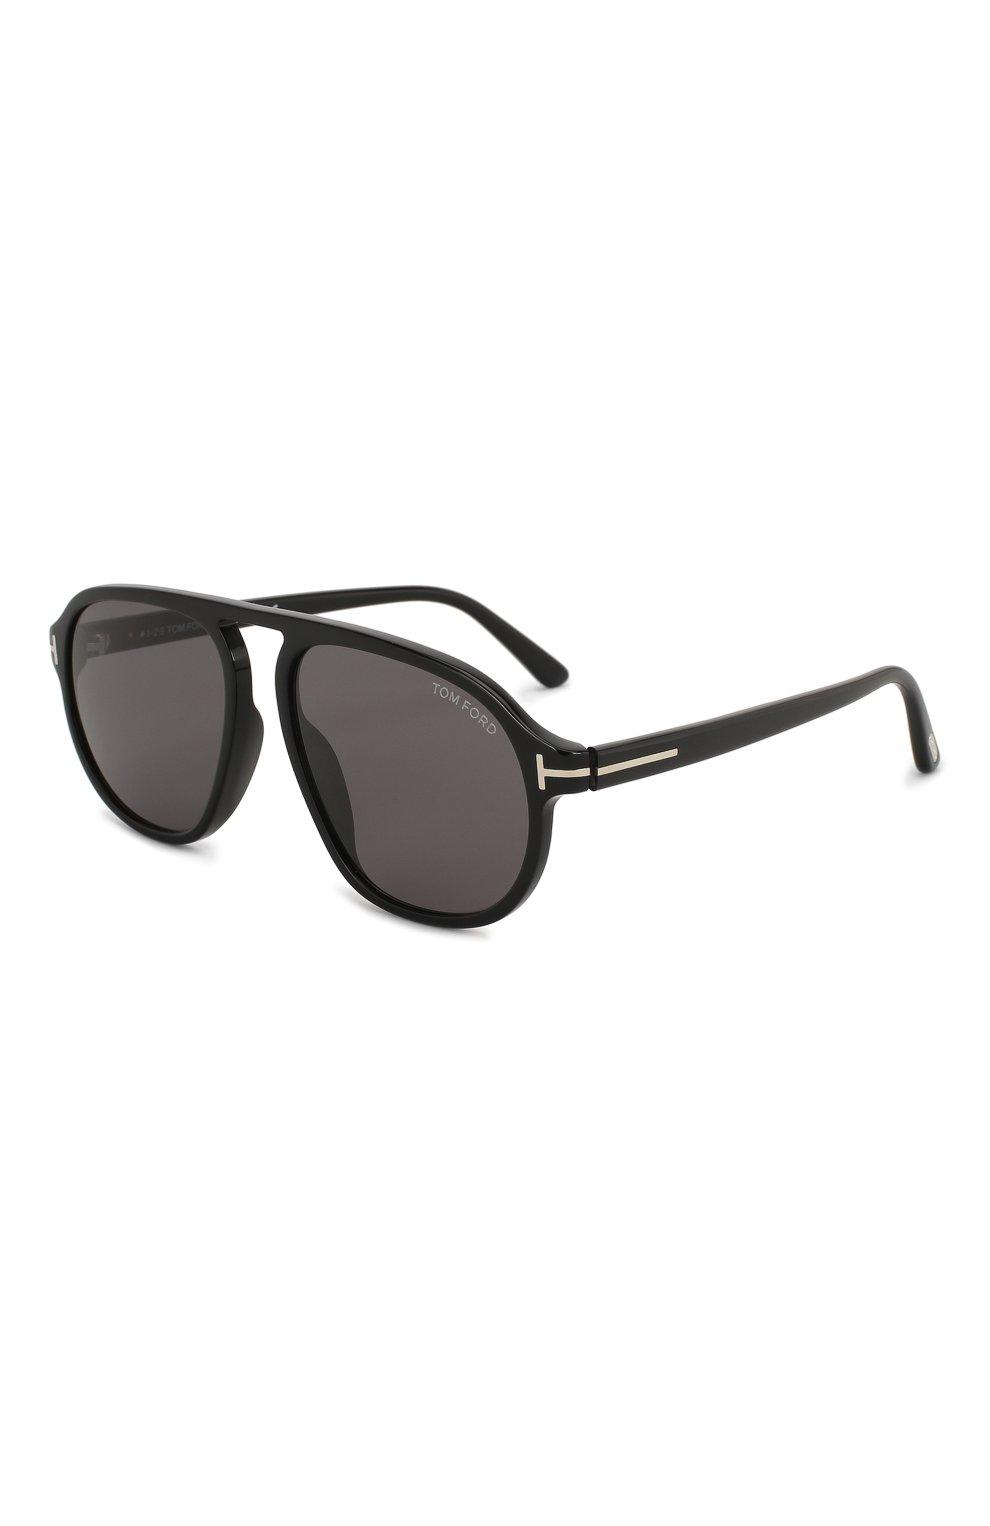 Женские солнцезащитные очки TOM FORD черного цвета, арт. TF755 01A | Фото 1